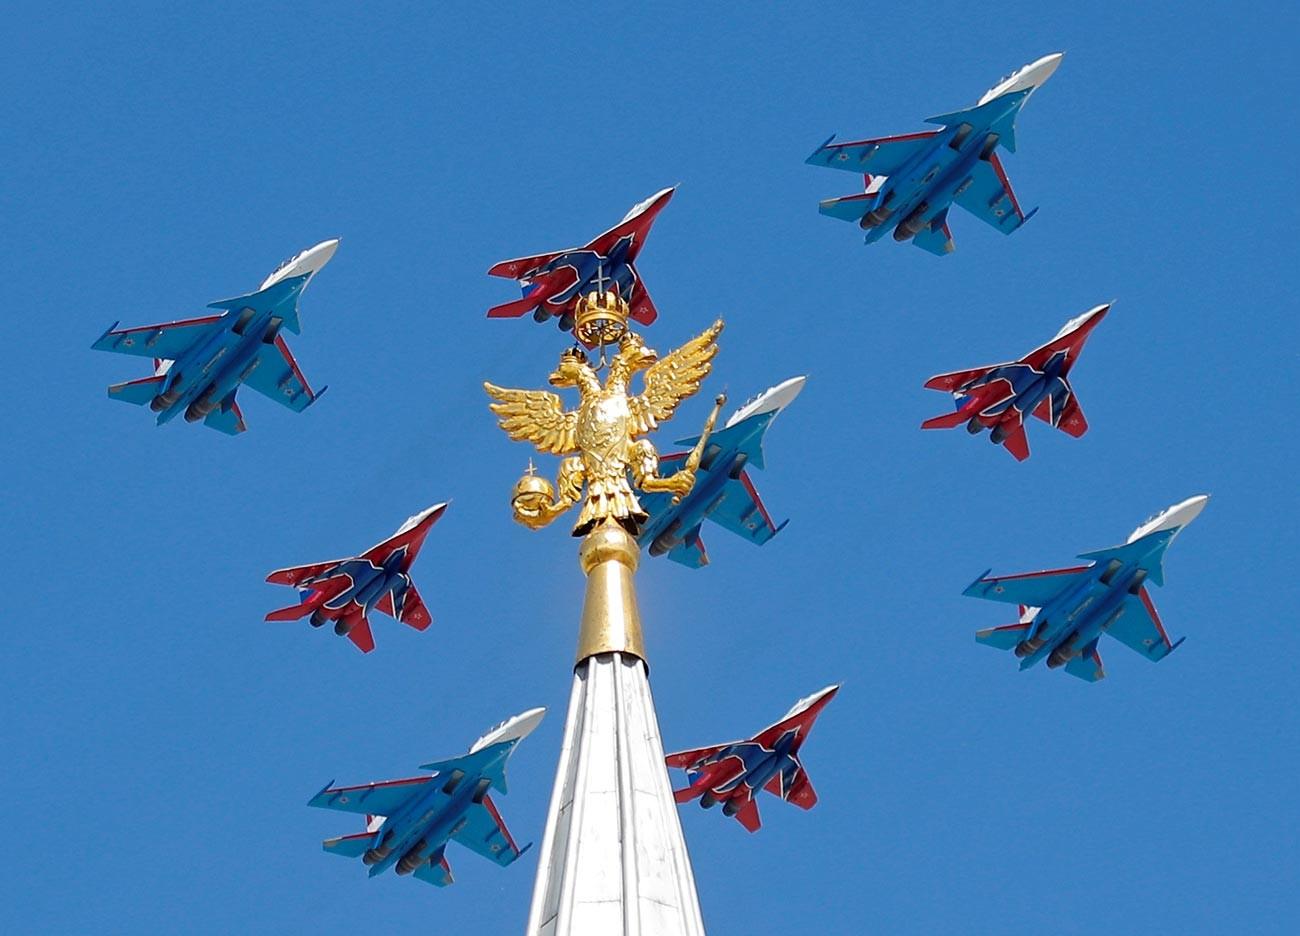 """Ловци МиГ-29 руске армије пилотске групе """"Стрижи"""" и  ловци Су-30 пилотске групе """"Руски витезови"""" изводе лет за време Параде победе у Москви."""